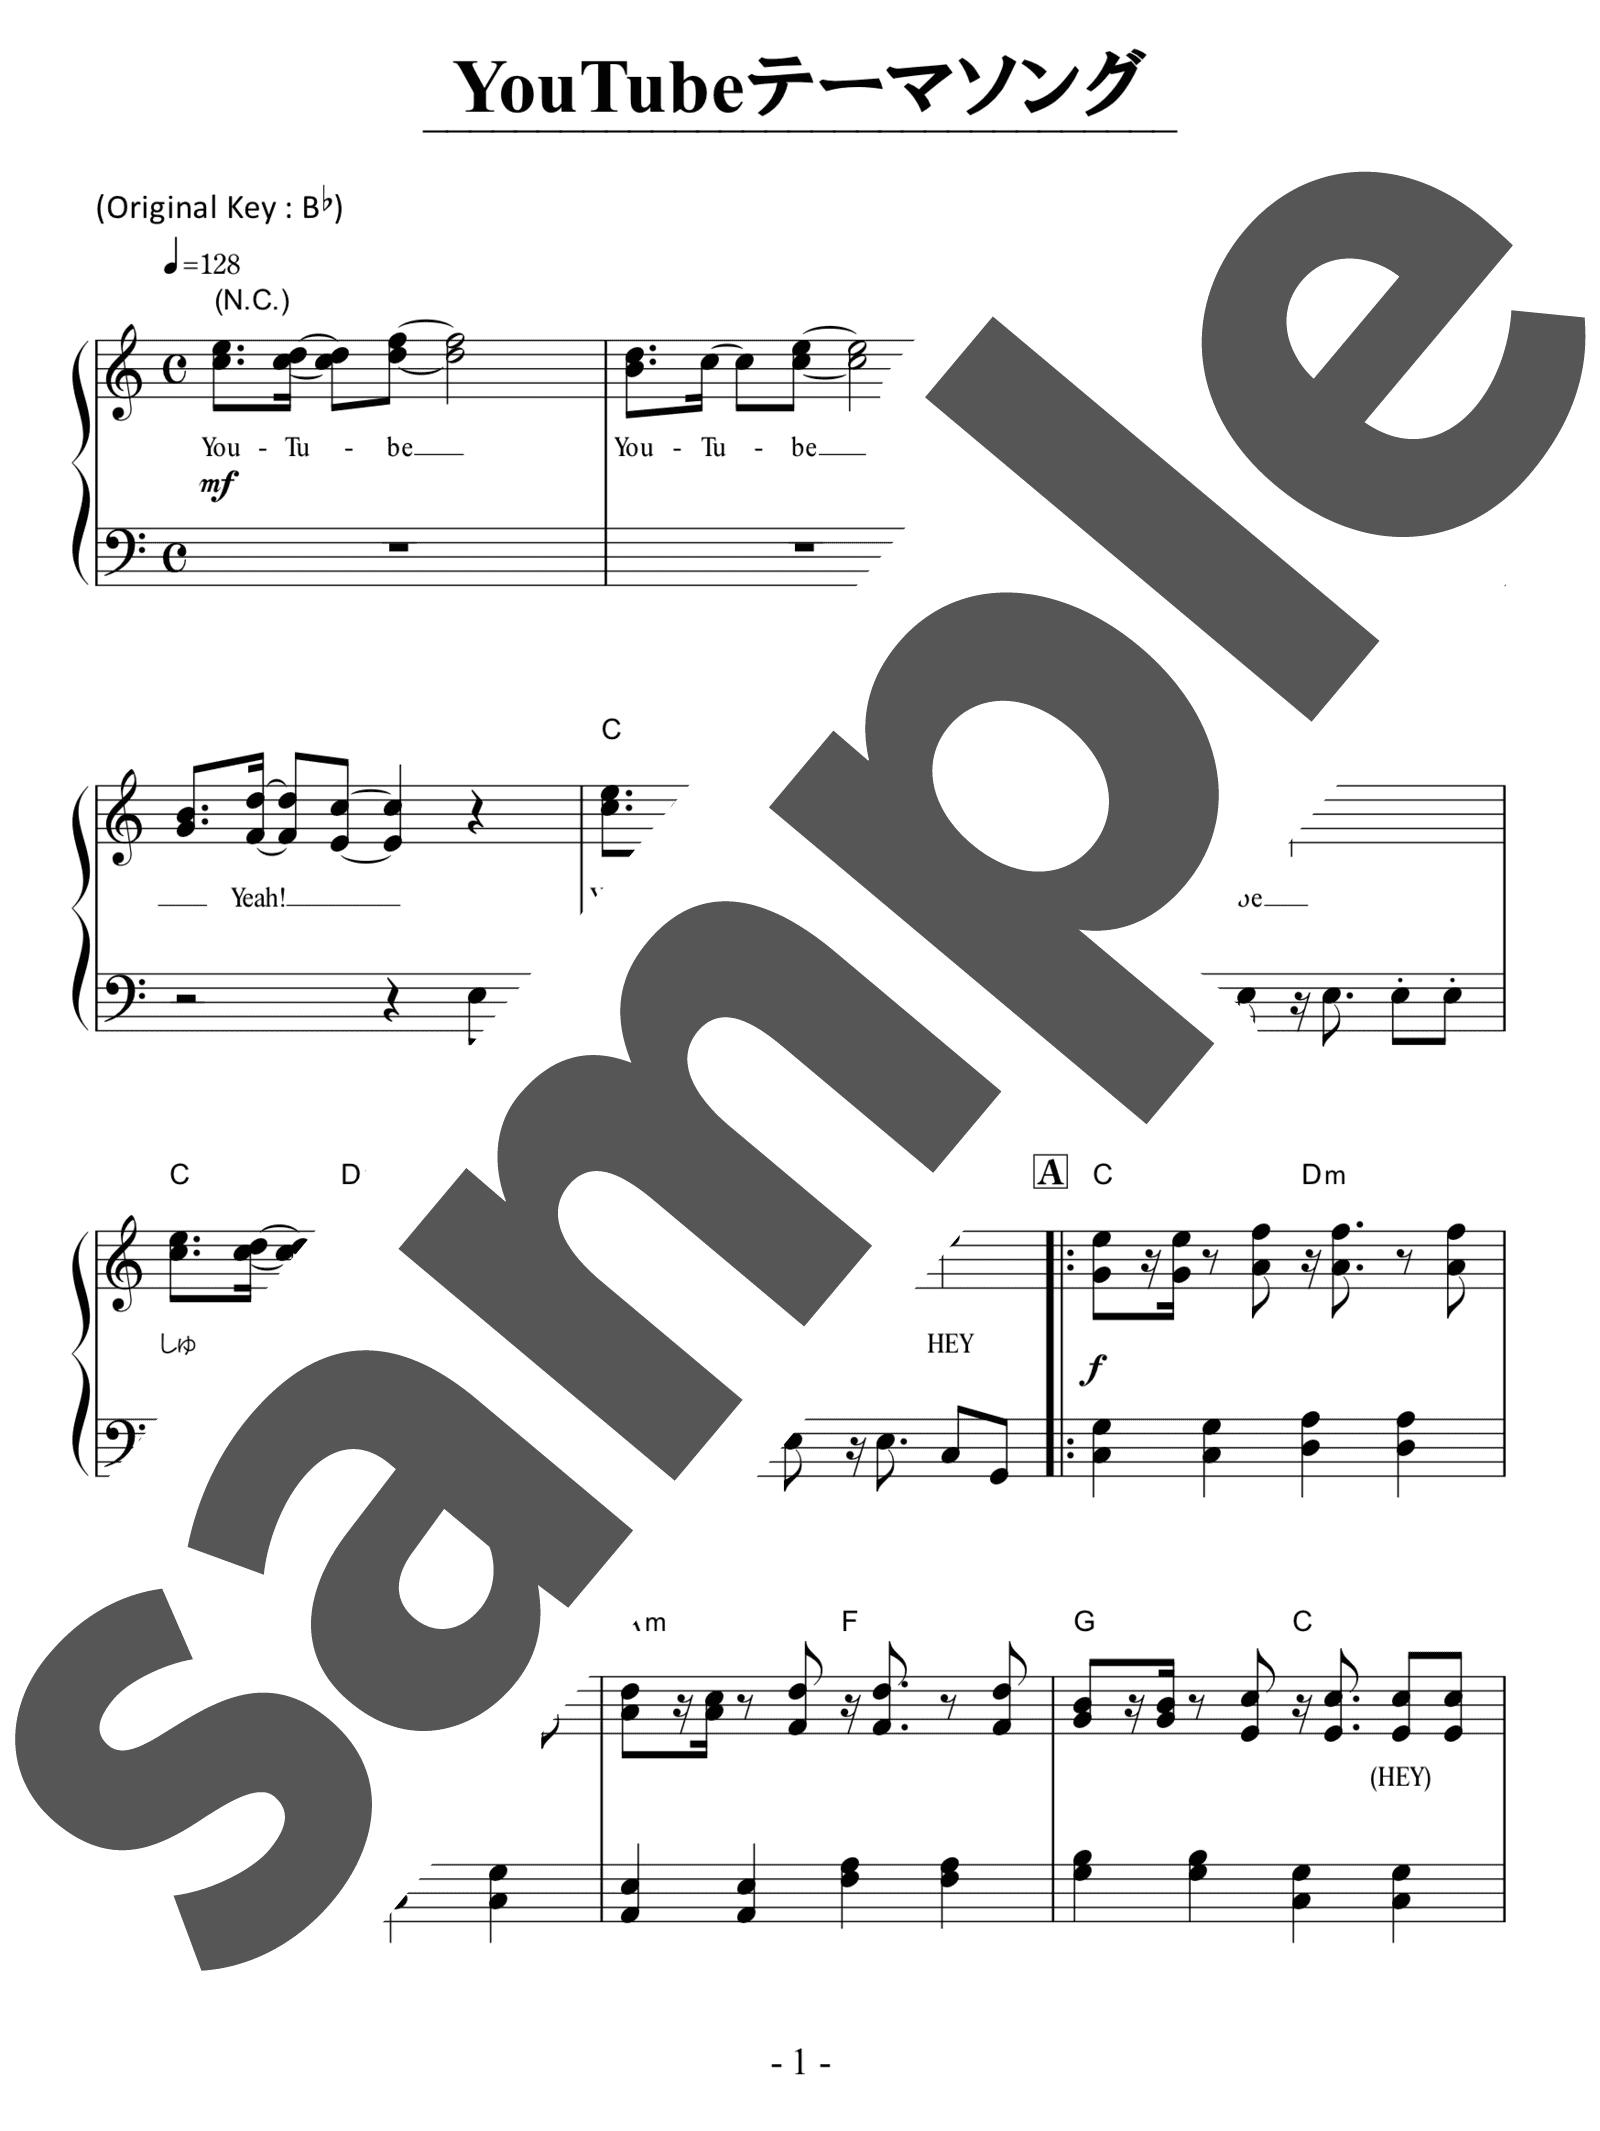 「YouTubeテーマソング」のサンプル楽譜